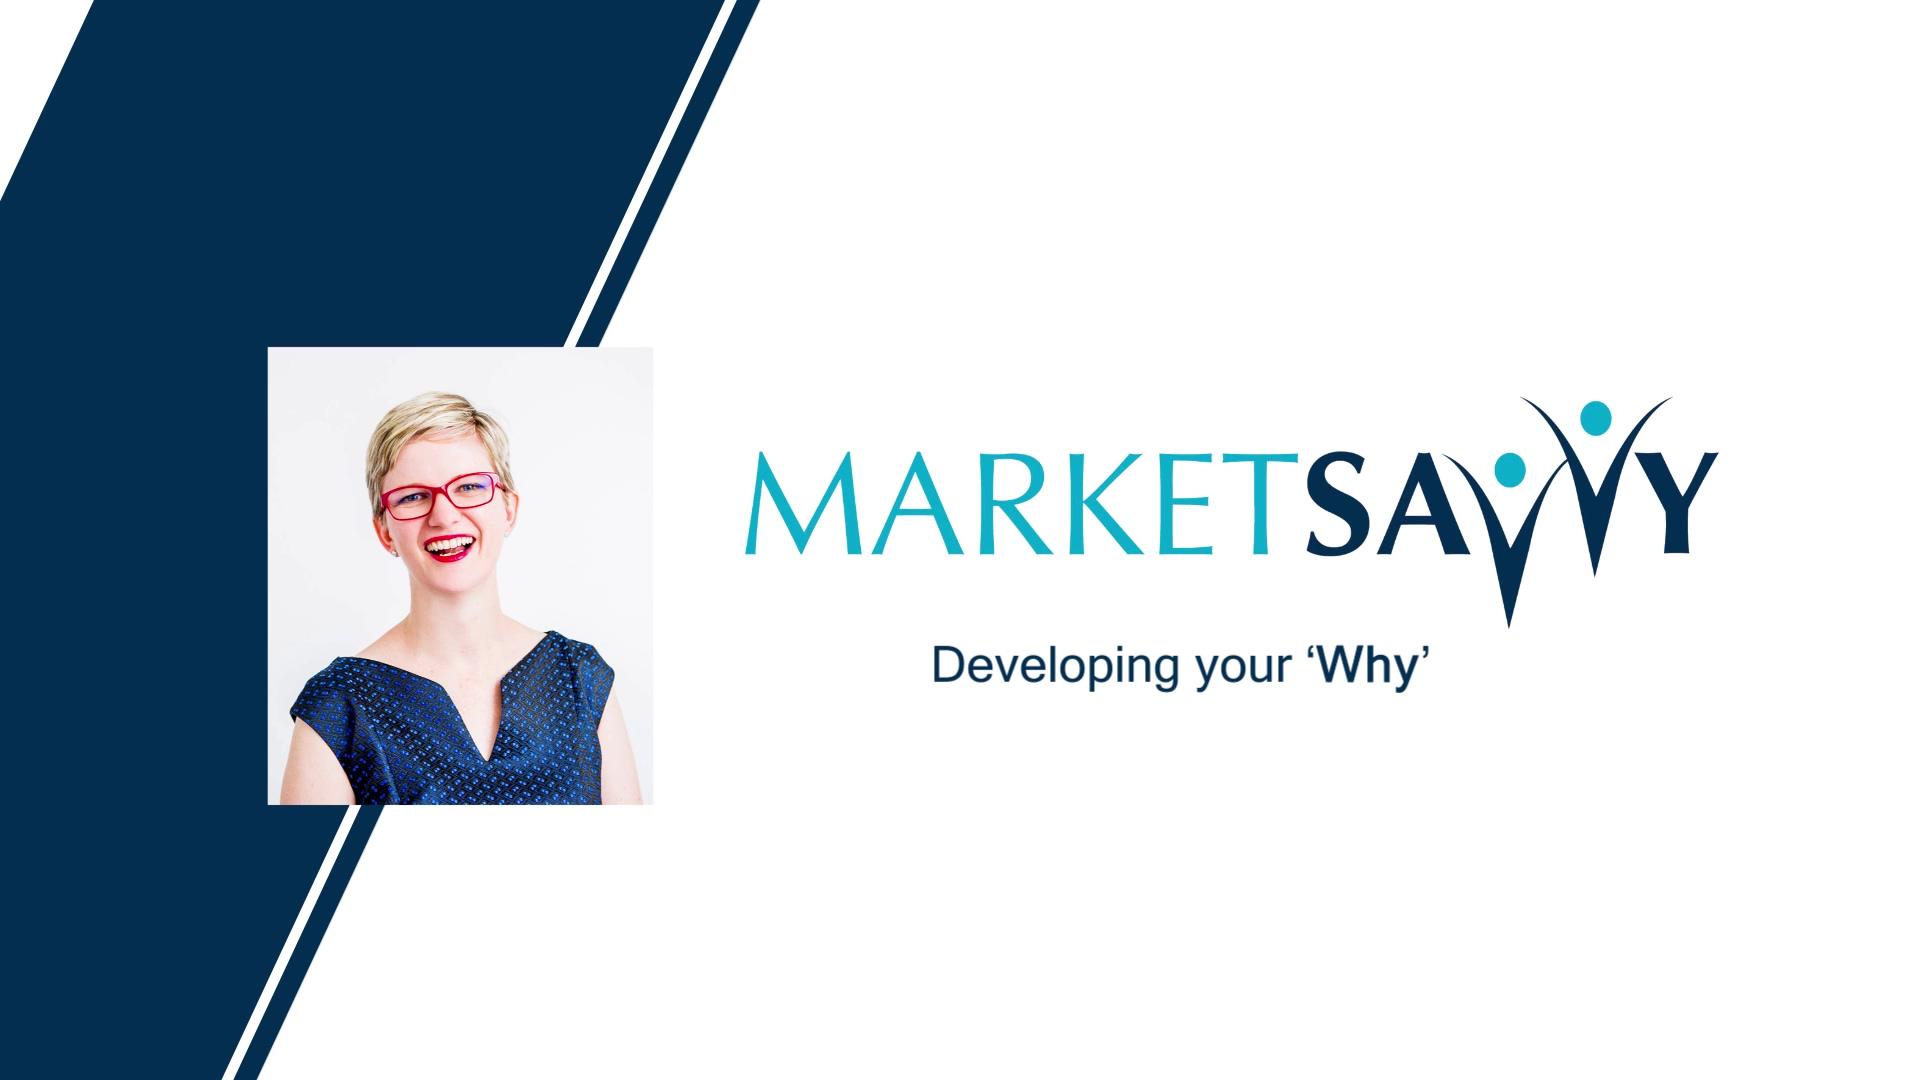 Market Savvy Program 006 - Developing your why V2